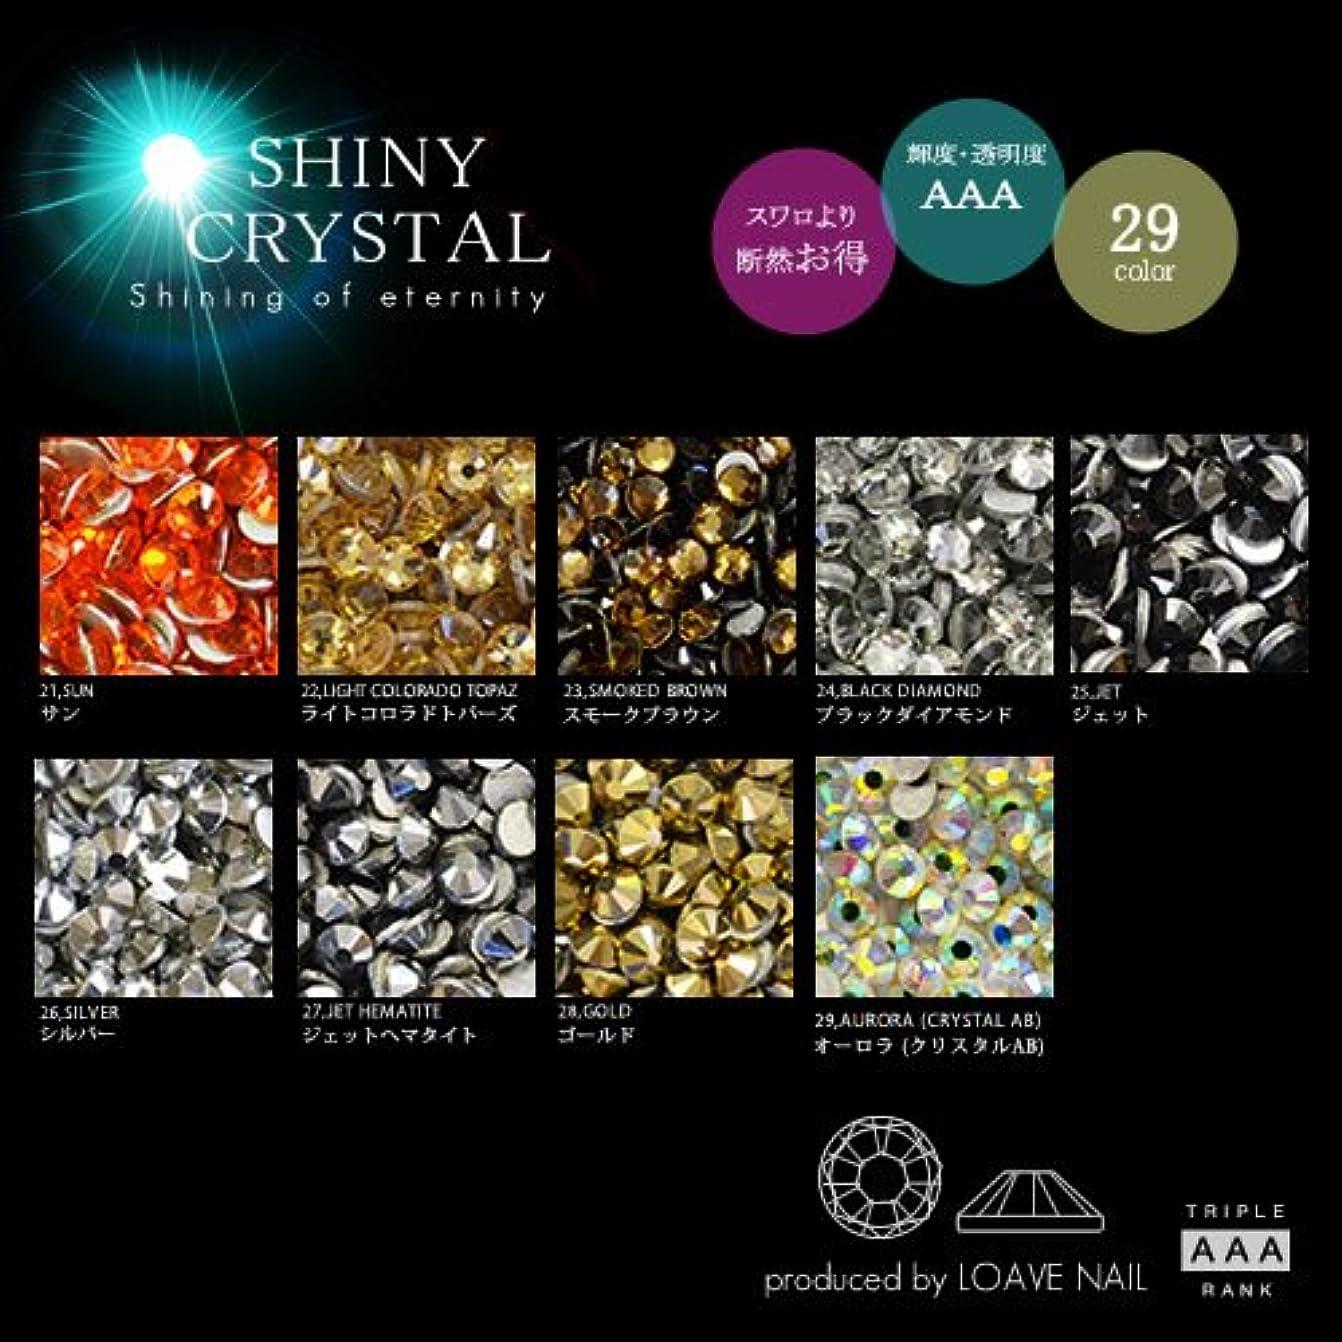 波紋コンソールグループスワロフスキーに限りなく近い輝き シャイニークリスタルラインストーン SS10 ブラックダイアモンド